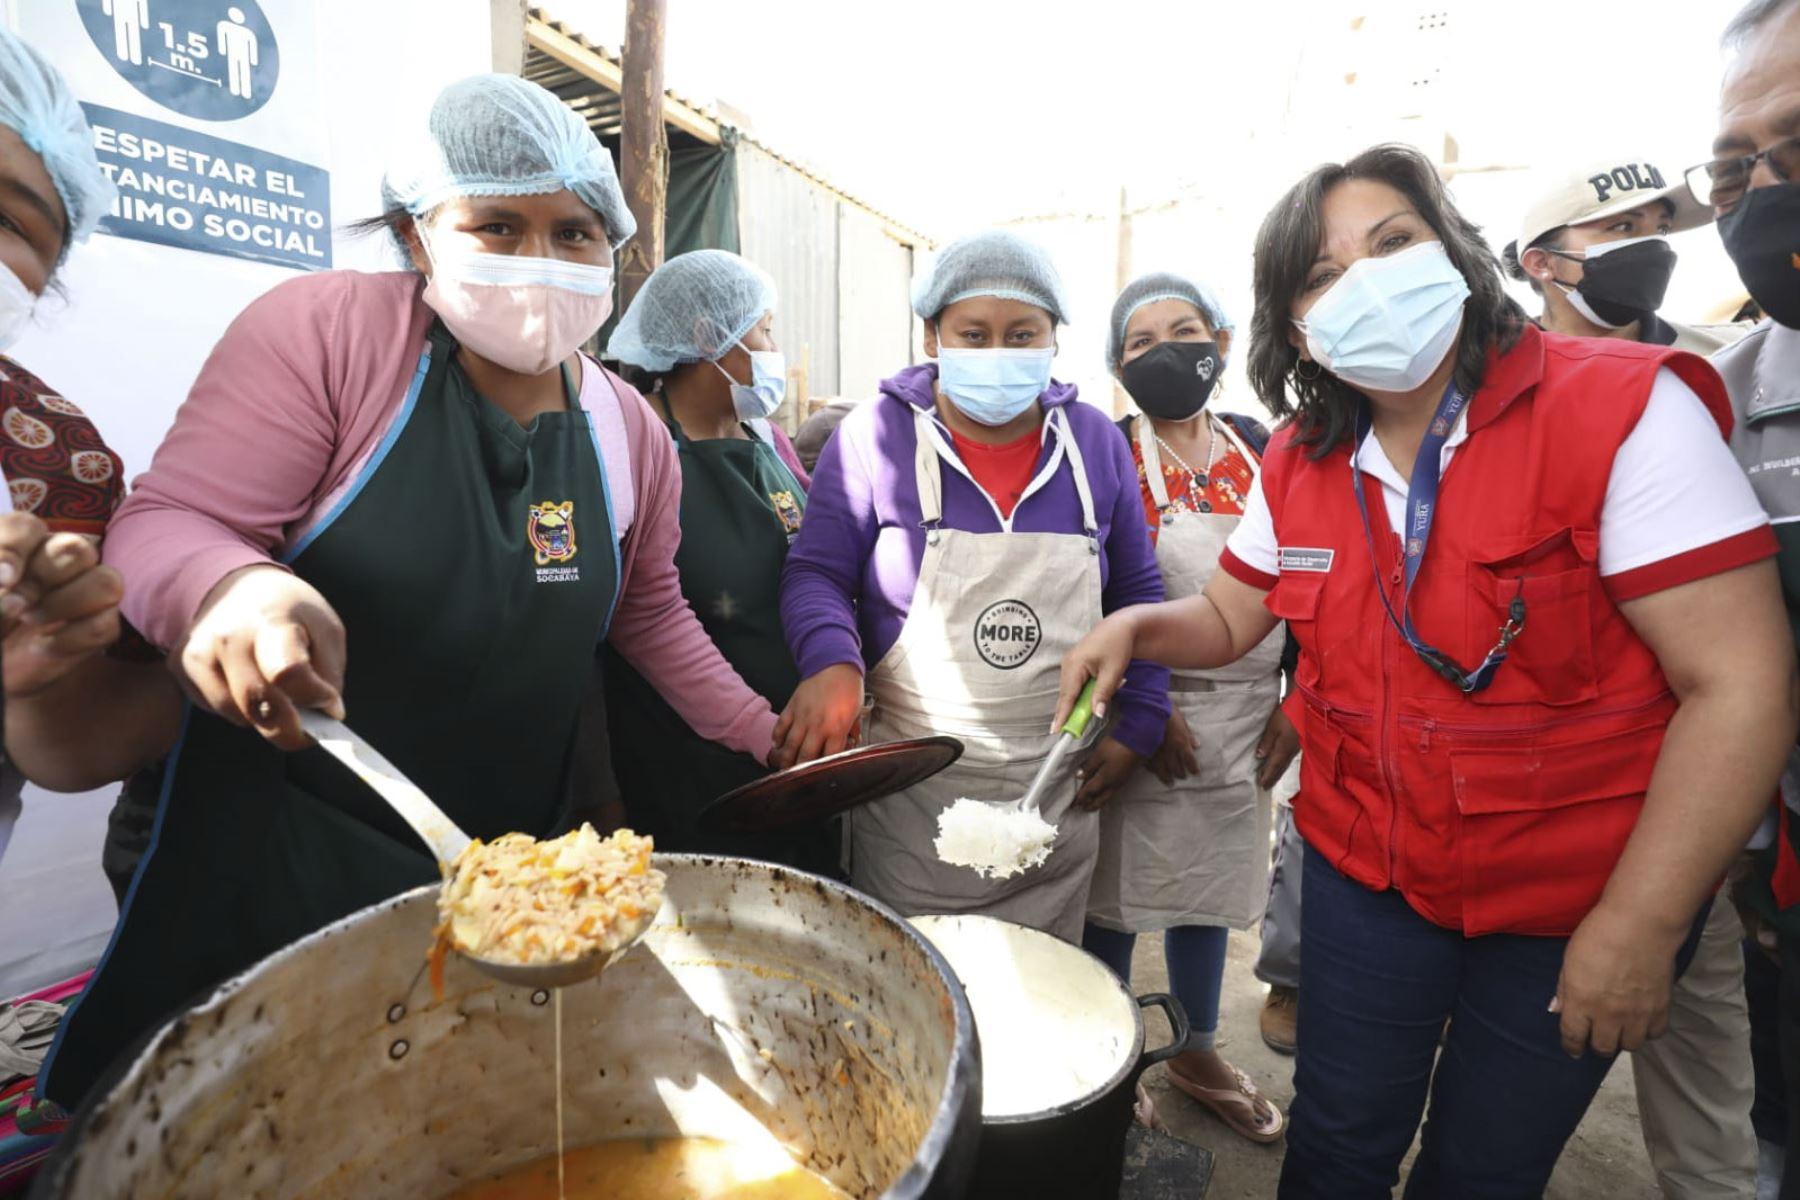 Ministra Boluarte: Lideresas de las ollas comunes son ejemplo de lucha contra el hambre